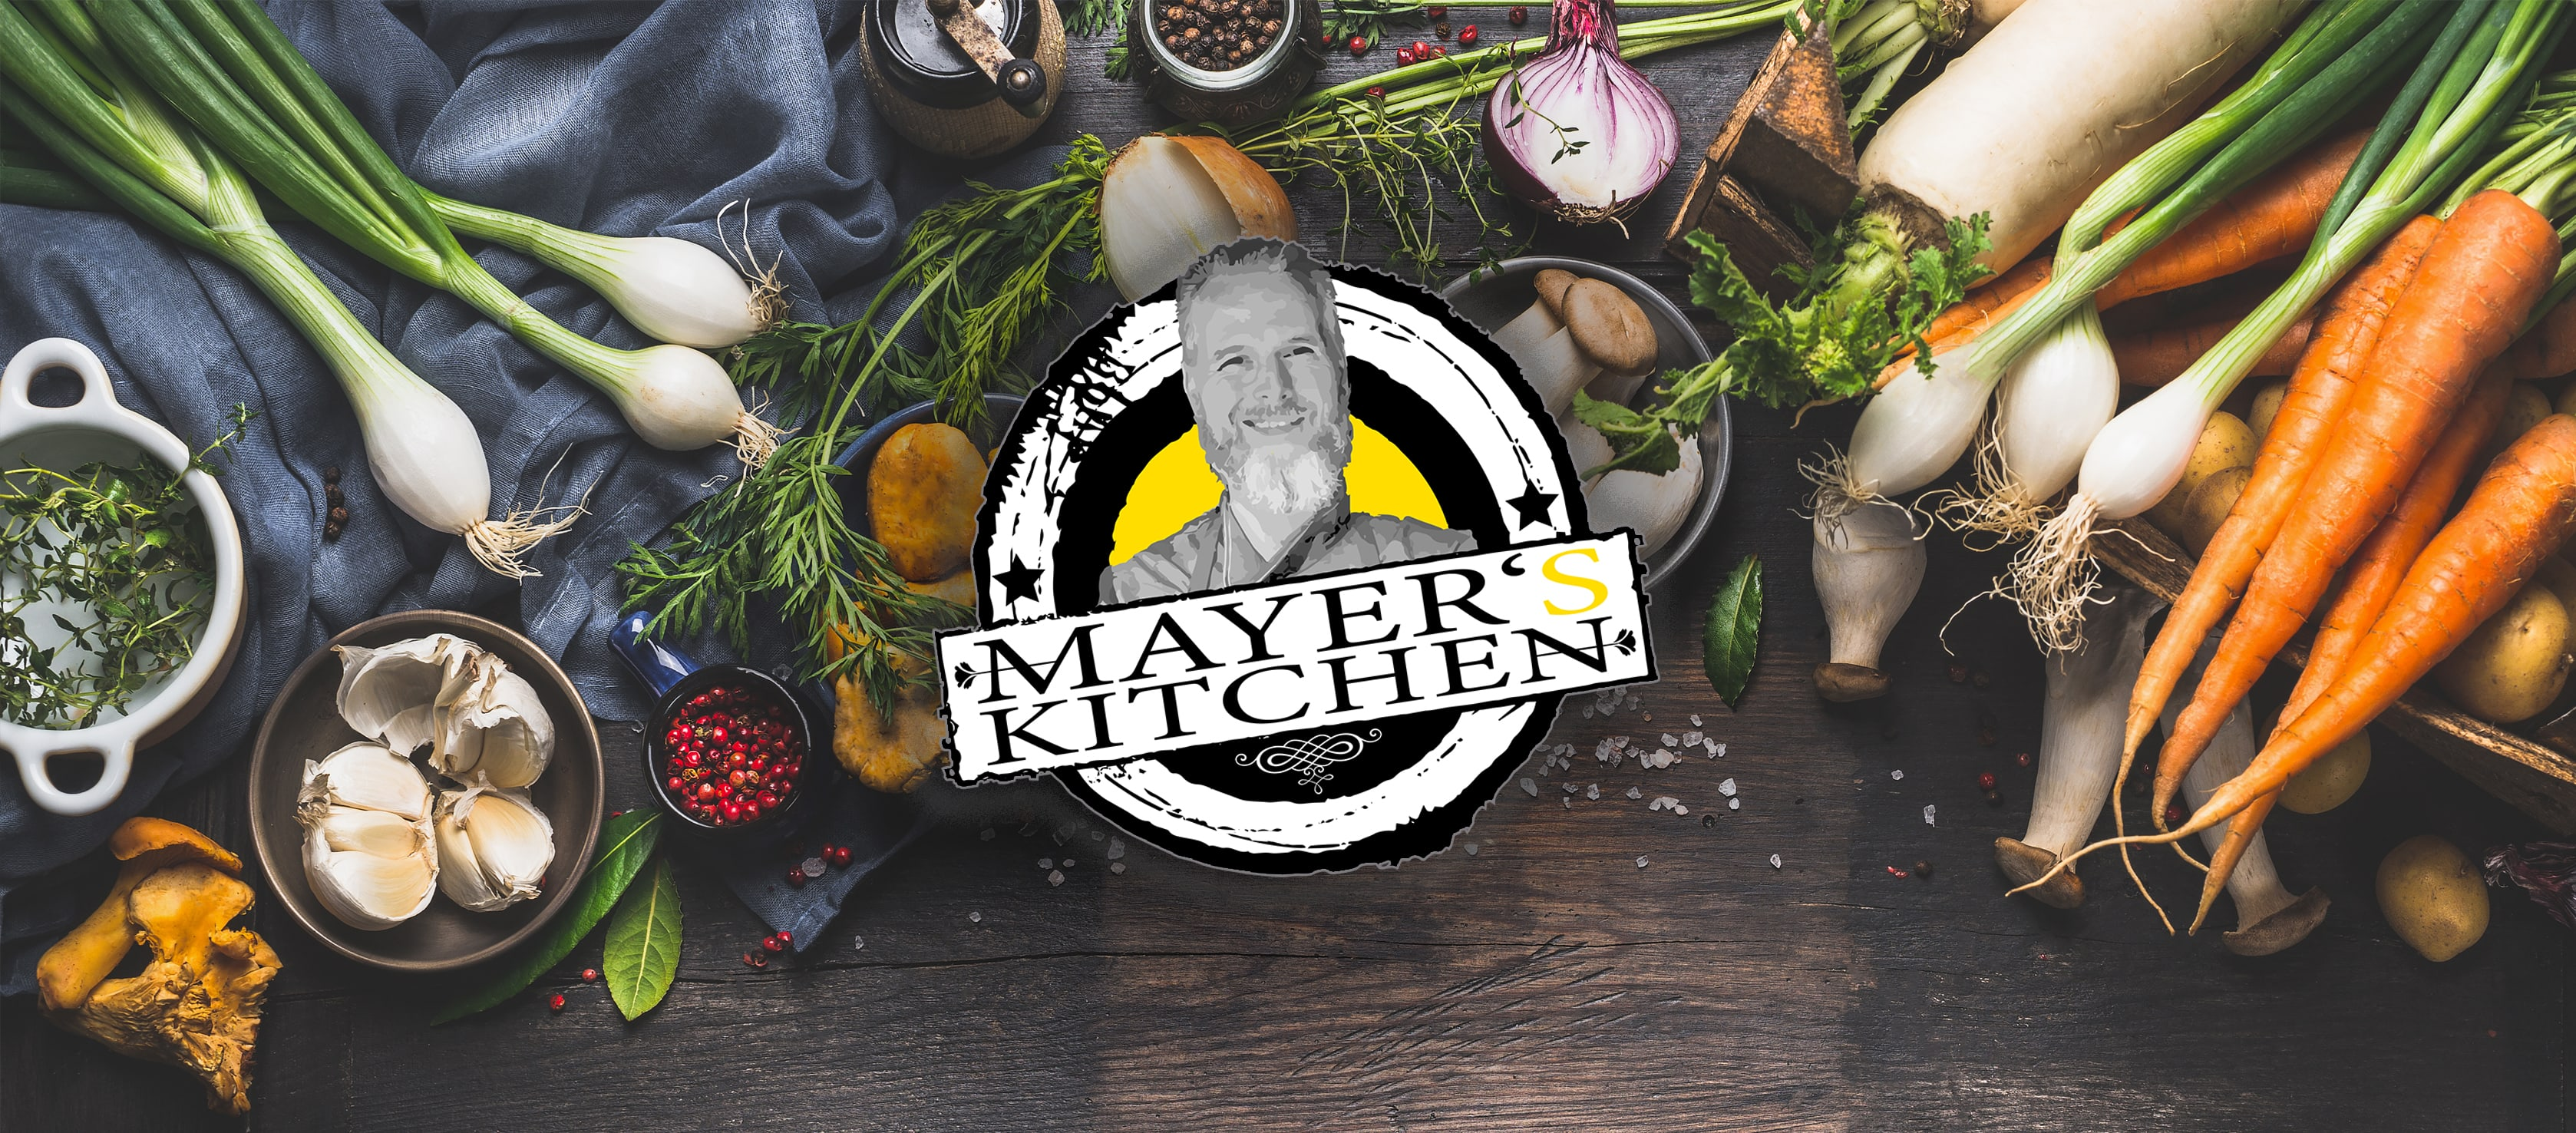 Mayers Kitchen Speisekartenseite